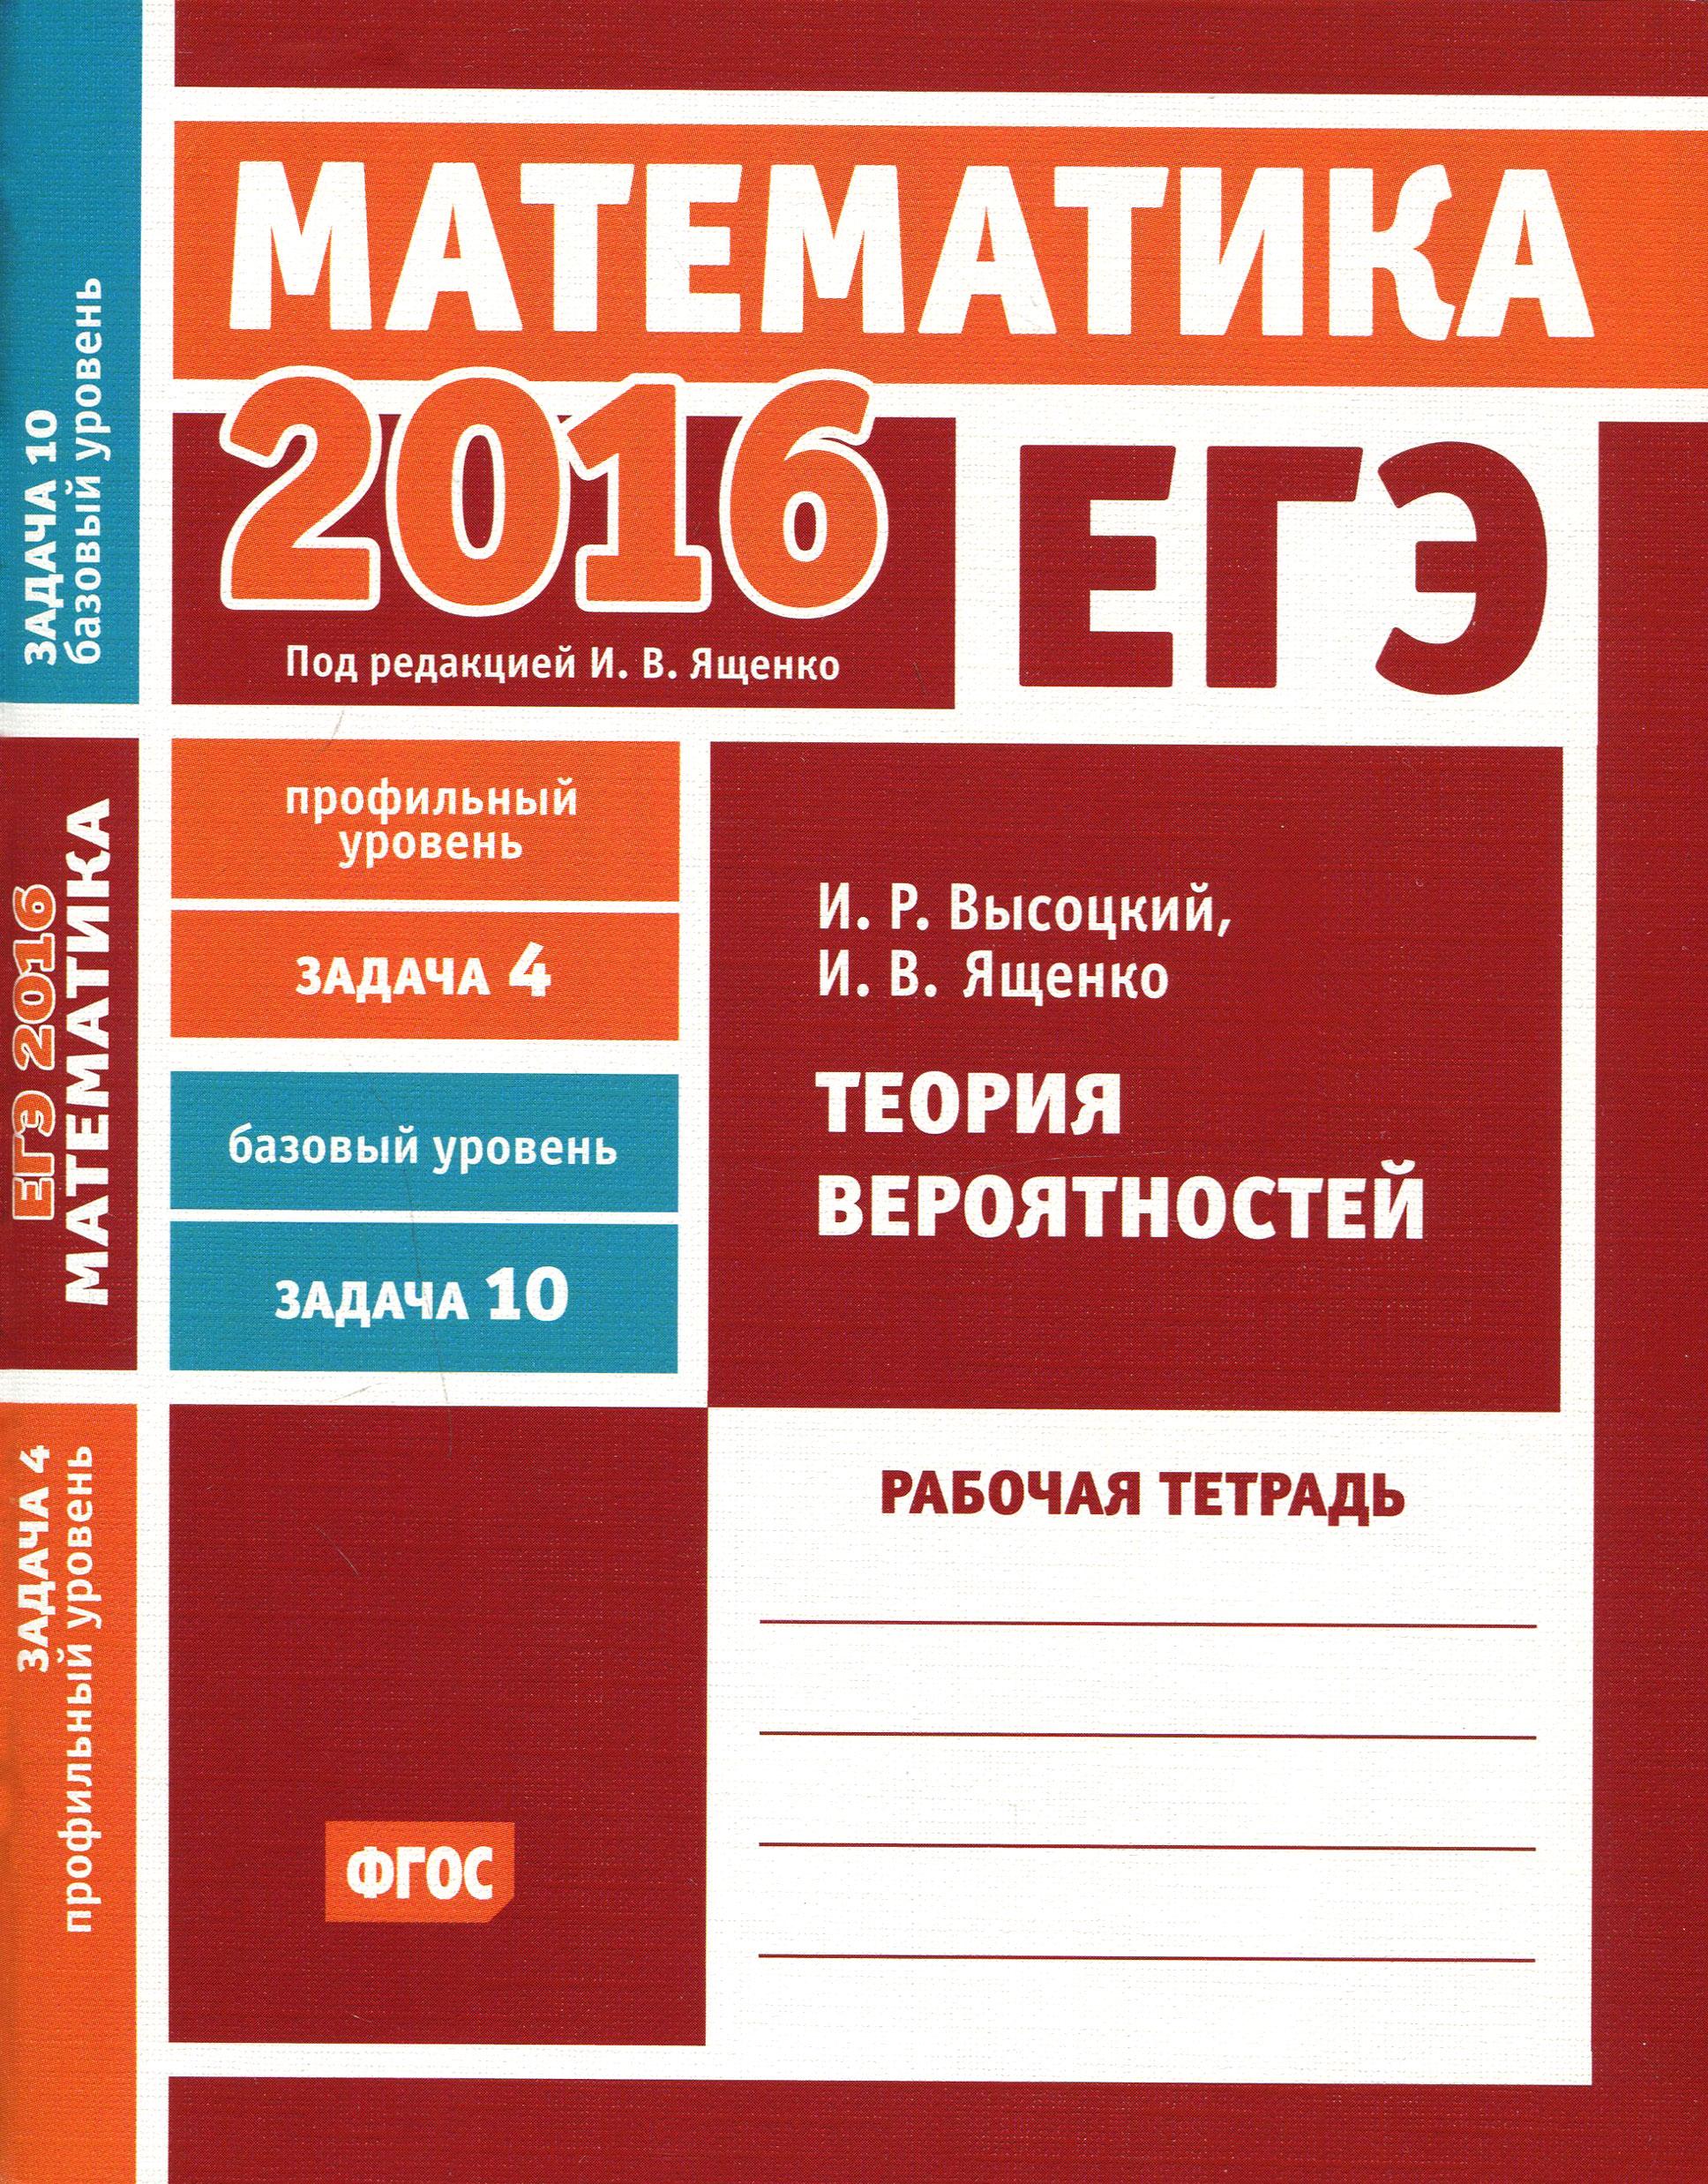 И. Р. Высоцкий, И. В. Ященко ЕГЭ 2016. Математика. Задача 4. Профильный уровень. Задача 10. Базовый уровень. Теория вероятностей. Рабочая тетрадь высоцкий